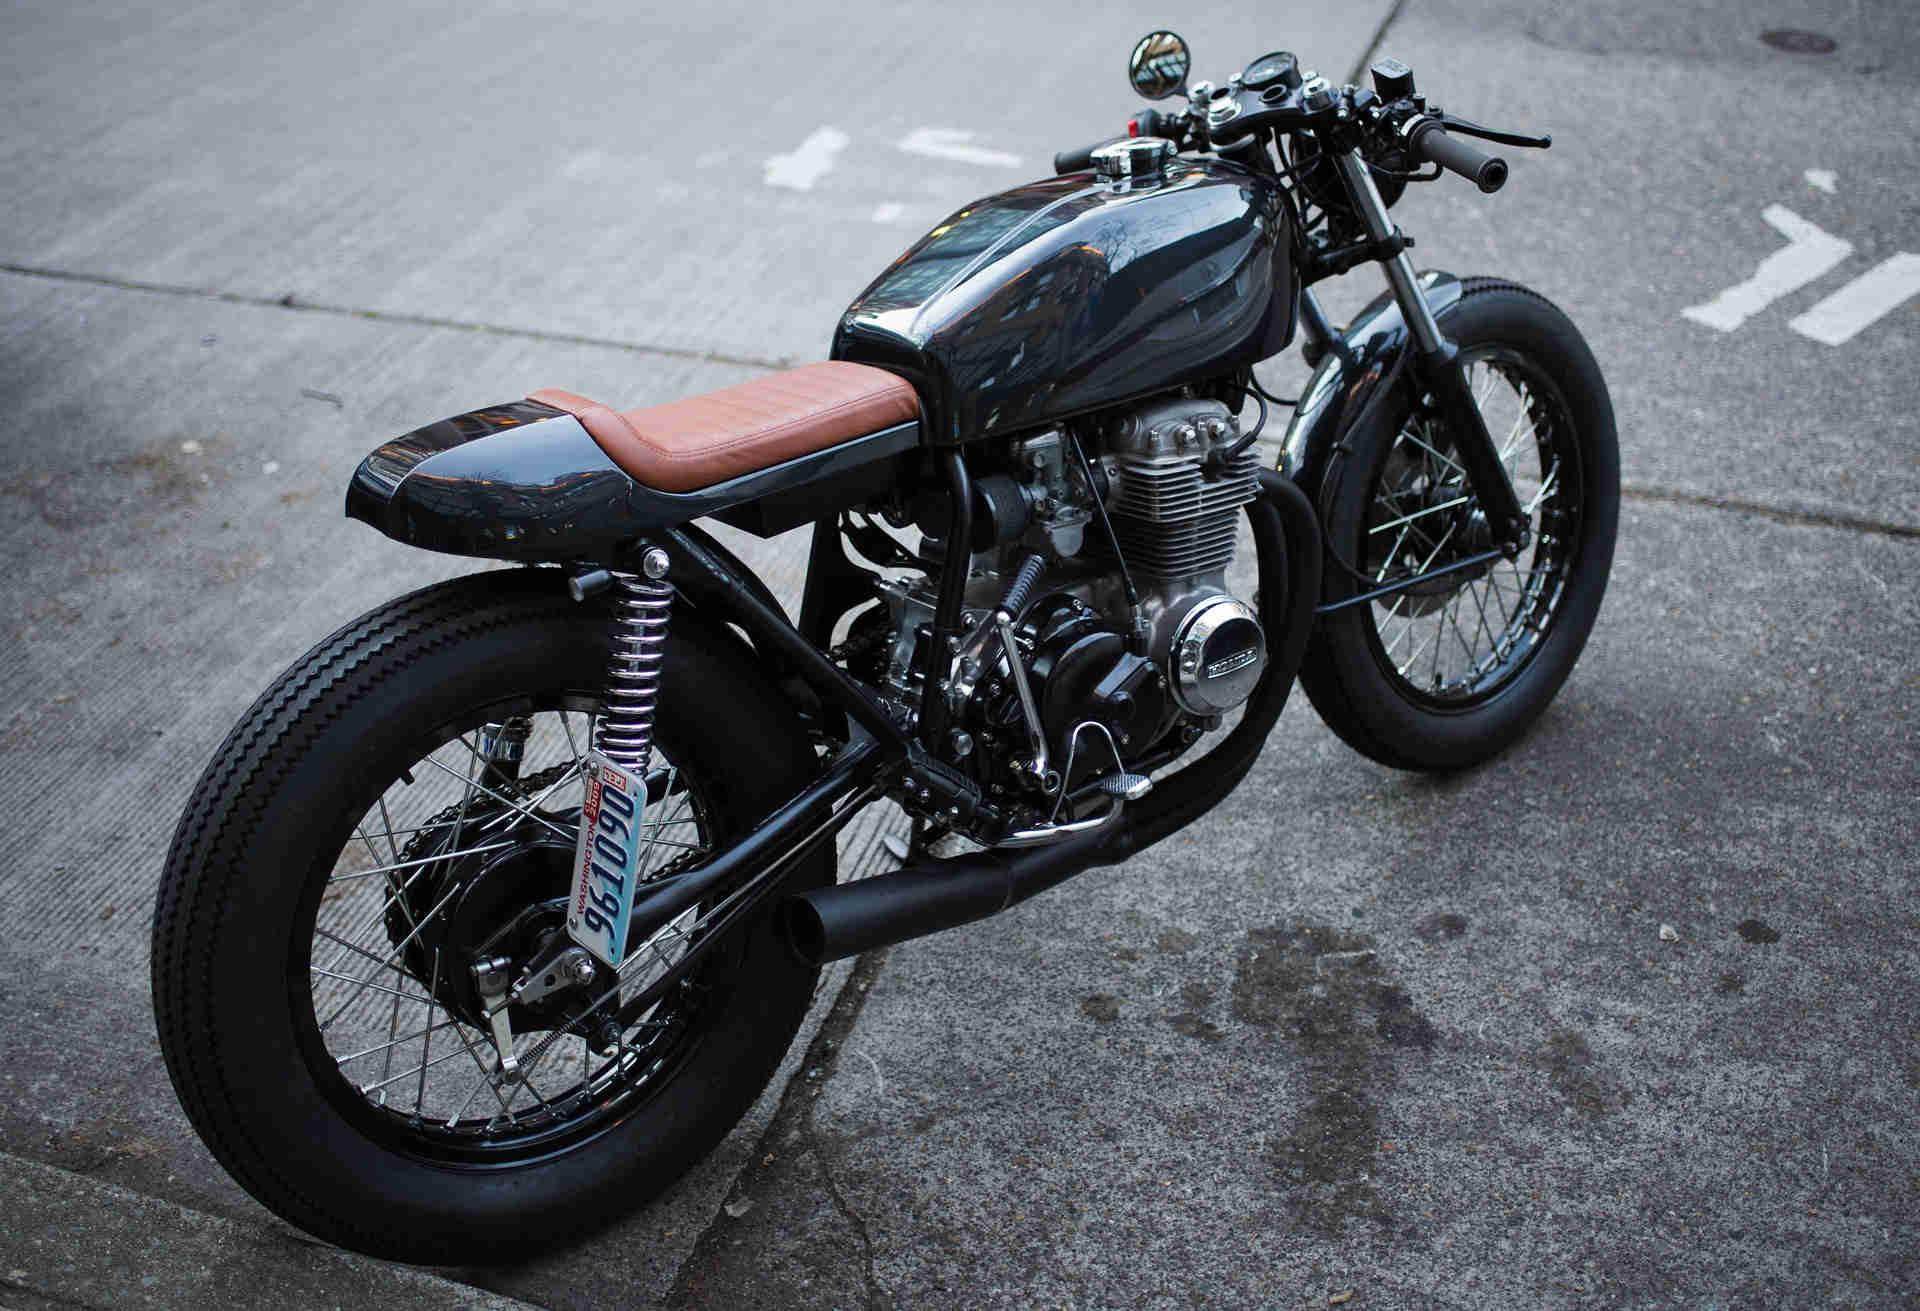 Bei einem wertvollem Motorrad wie diesem sollte ein Sachverständiger in Bottrop unbedingt ein Wertgutachten durchführen.